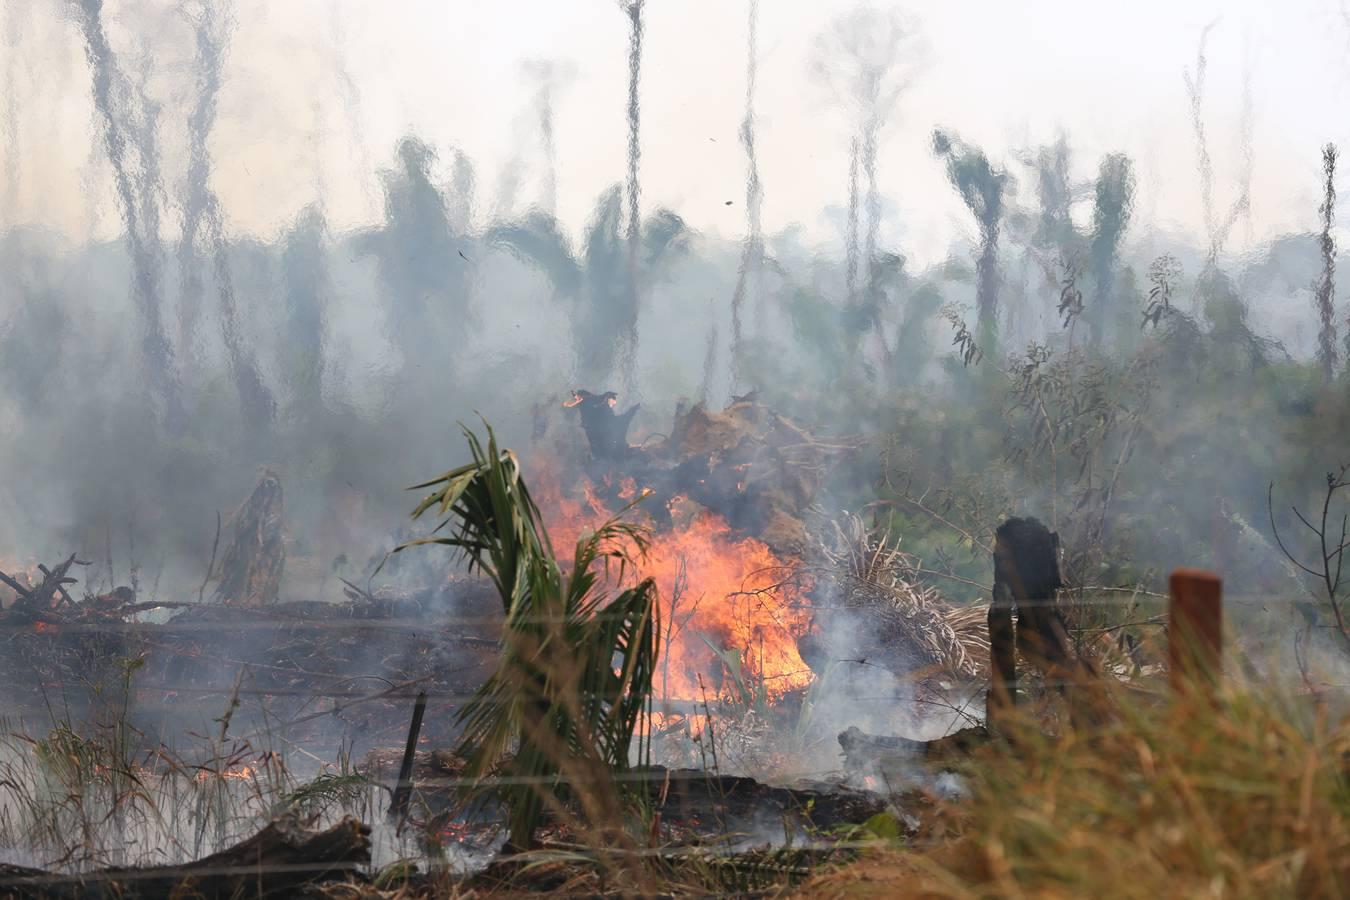 Brände im Amazonas: Das Nationale Institut für Weltraumforschung zählt seit Anfang Jahr bis zum 21. August 74'155 Waldbrände. (© WWF Brasilien)